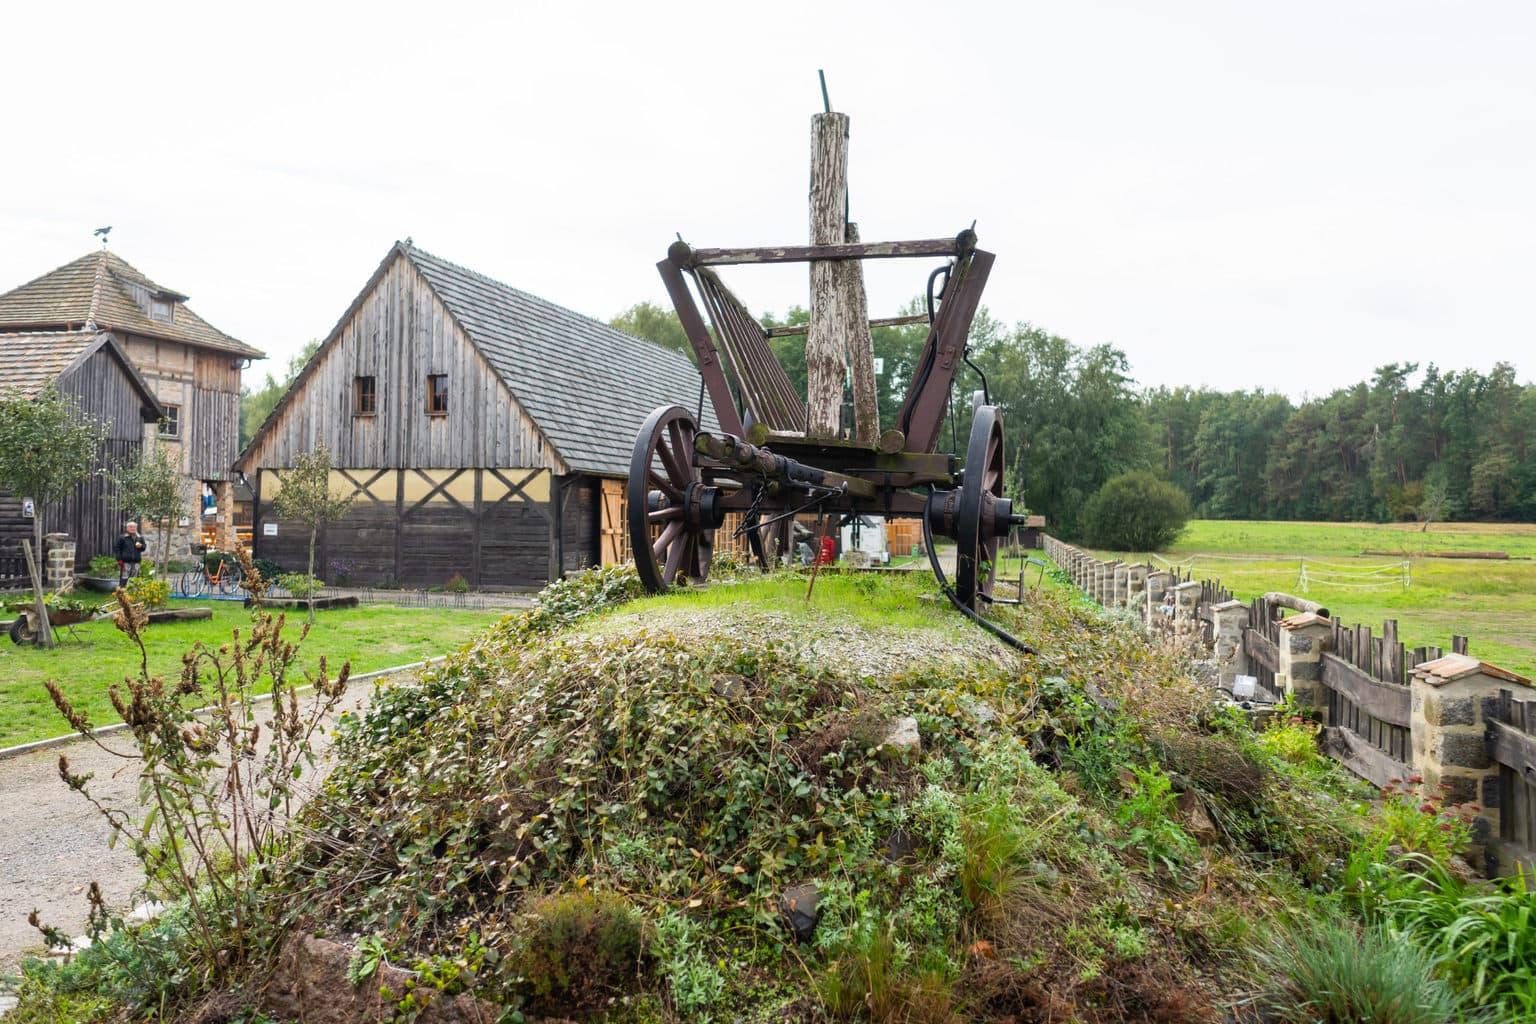 De Krabat molen in het Lausitzer Merenland is een openluchtmuseum